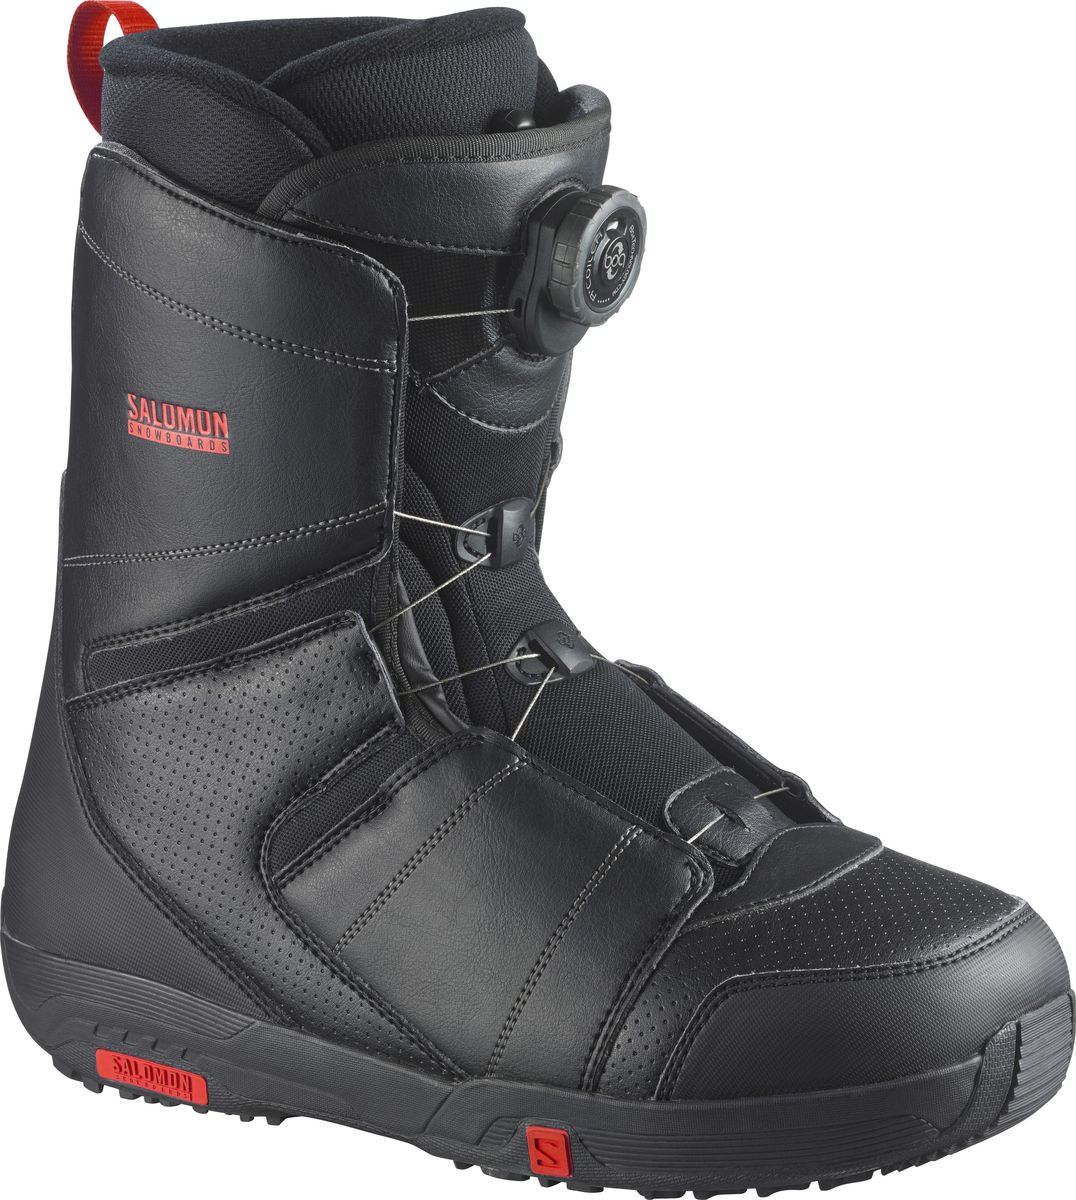 """Ботинки для сноуборда Salomon """"Faction Boa"""", цвет: черный, красный. Размер 25 (38)"""